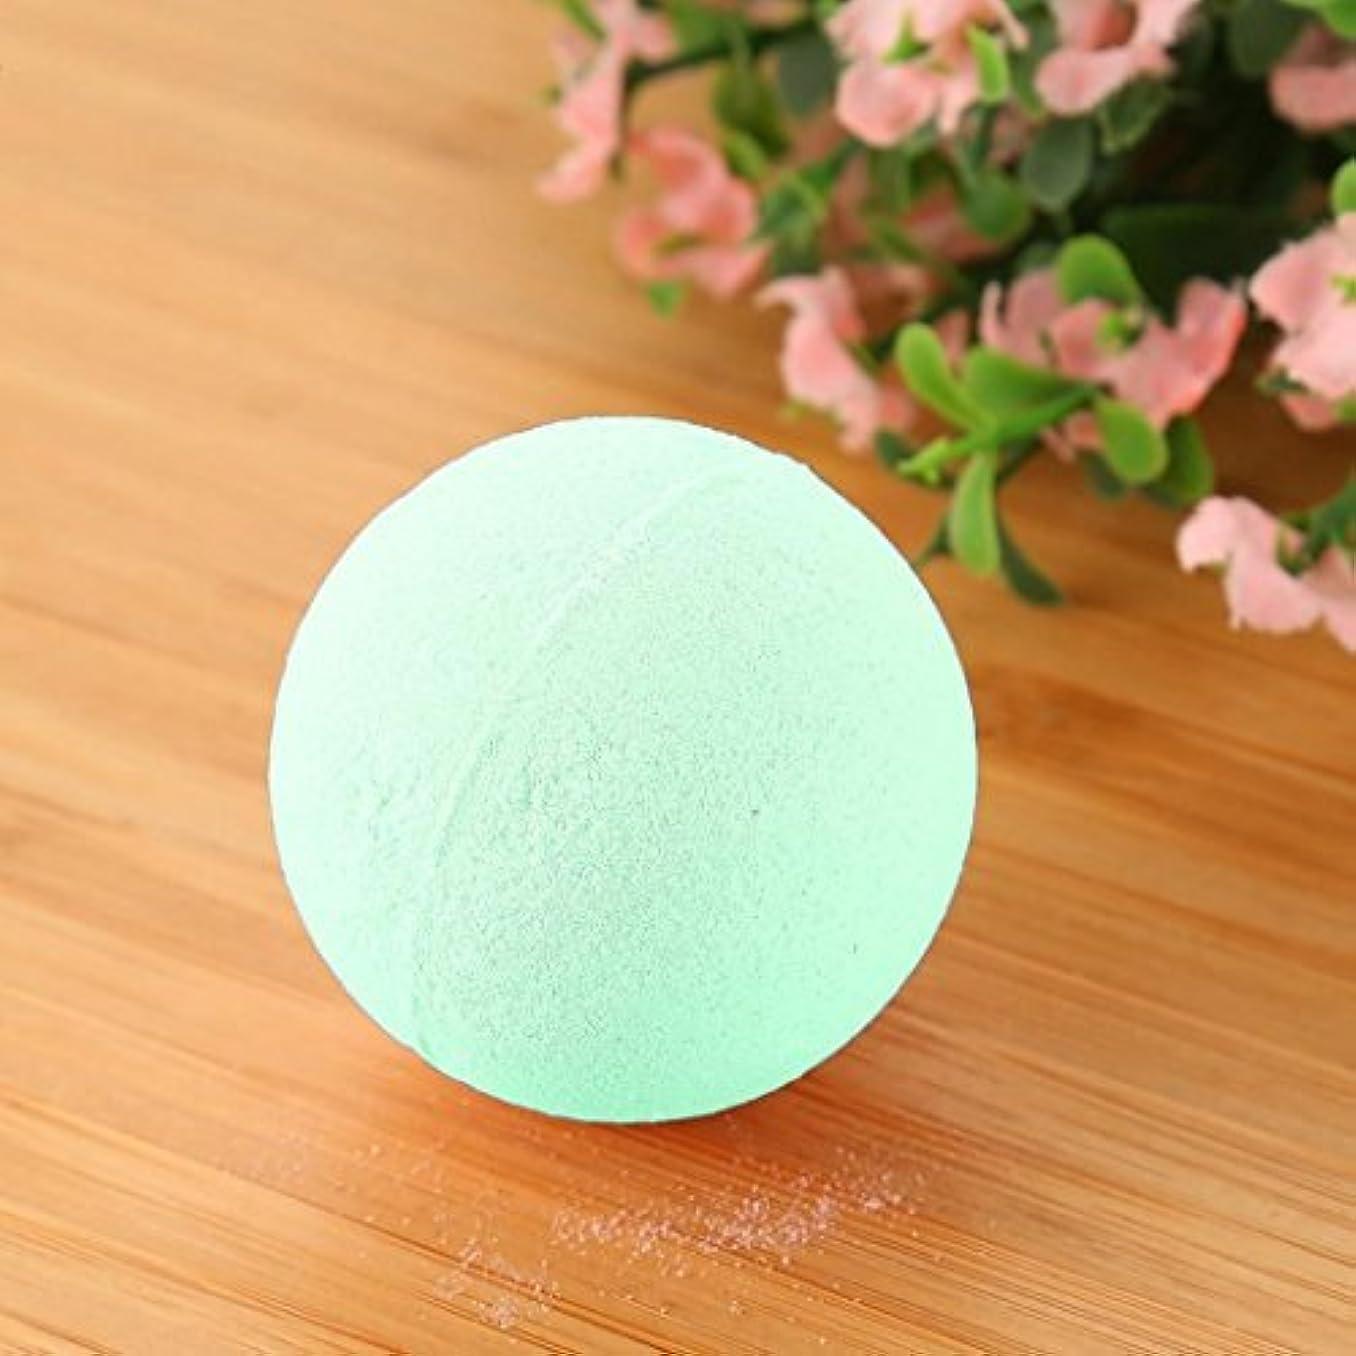 依存するフェード写真を描くバブル塩風呂の贈り物のためにボールをリラックスした女性の塩